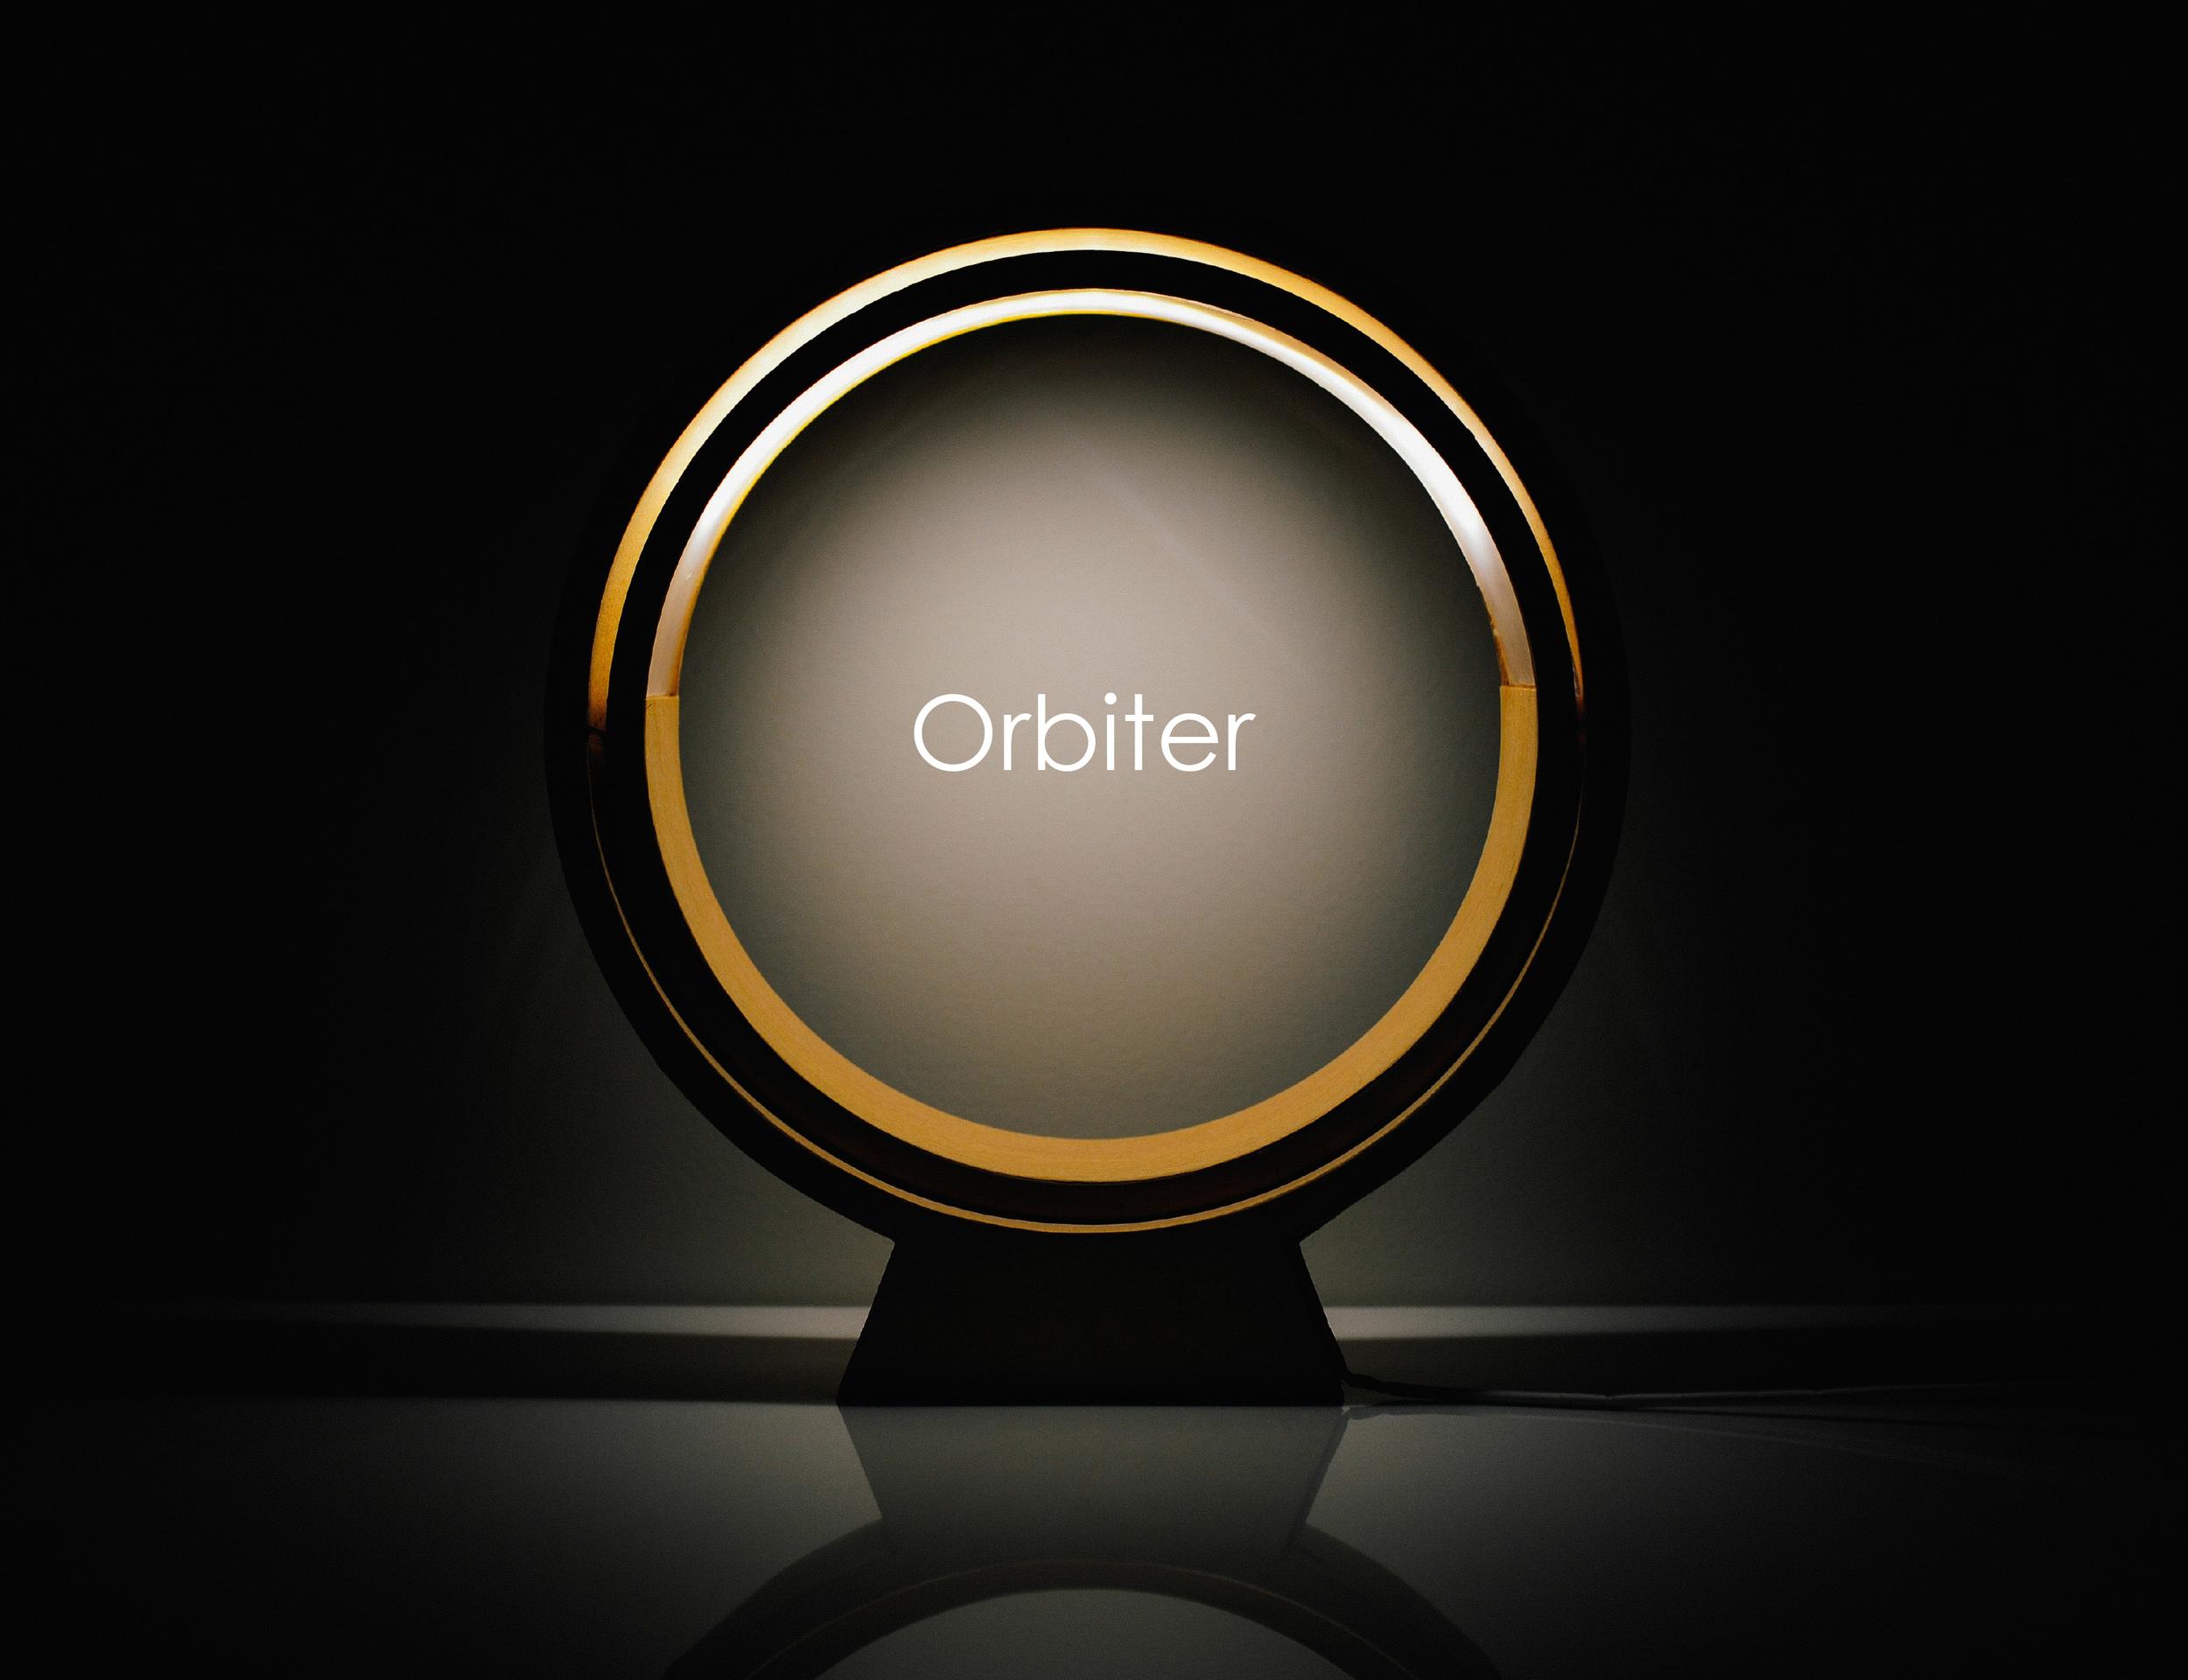 orbiter tearsheet-1.jpg